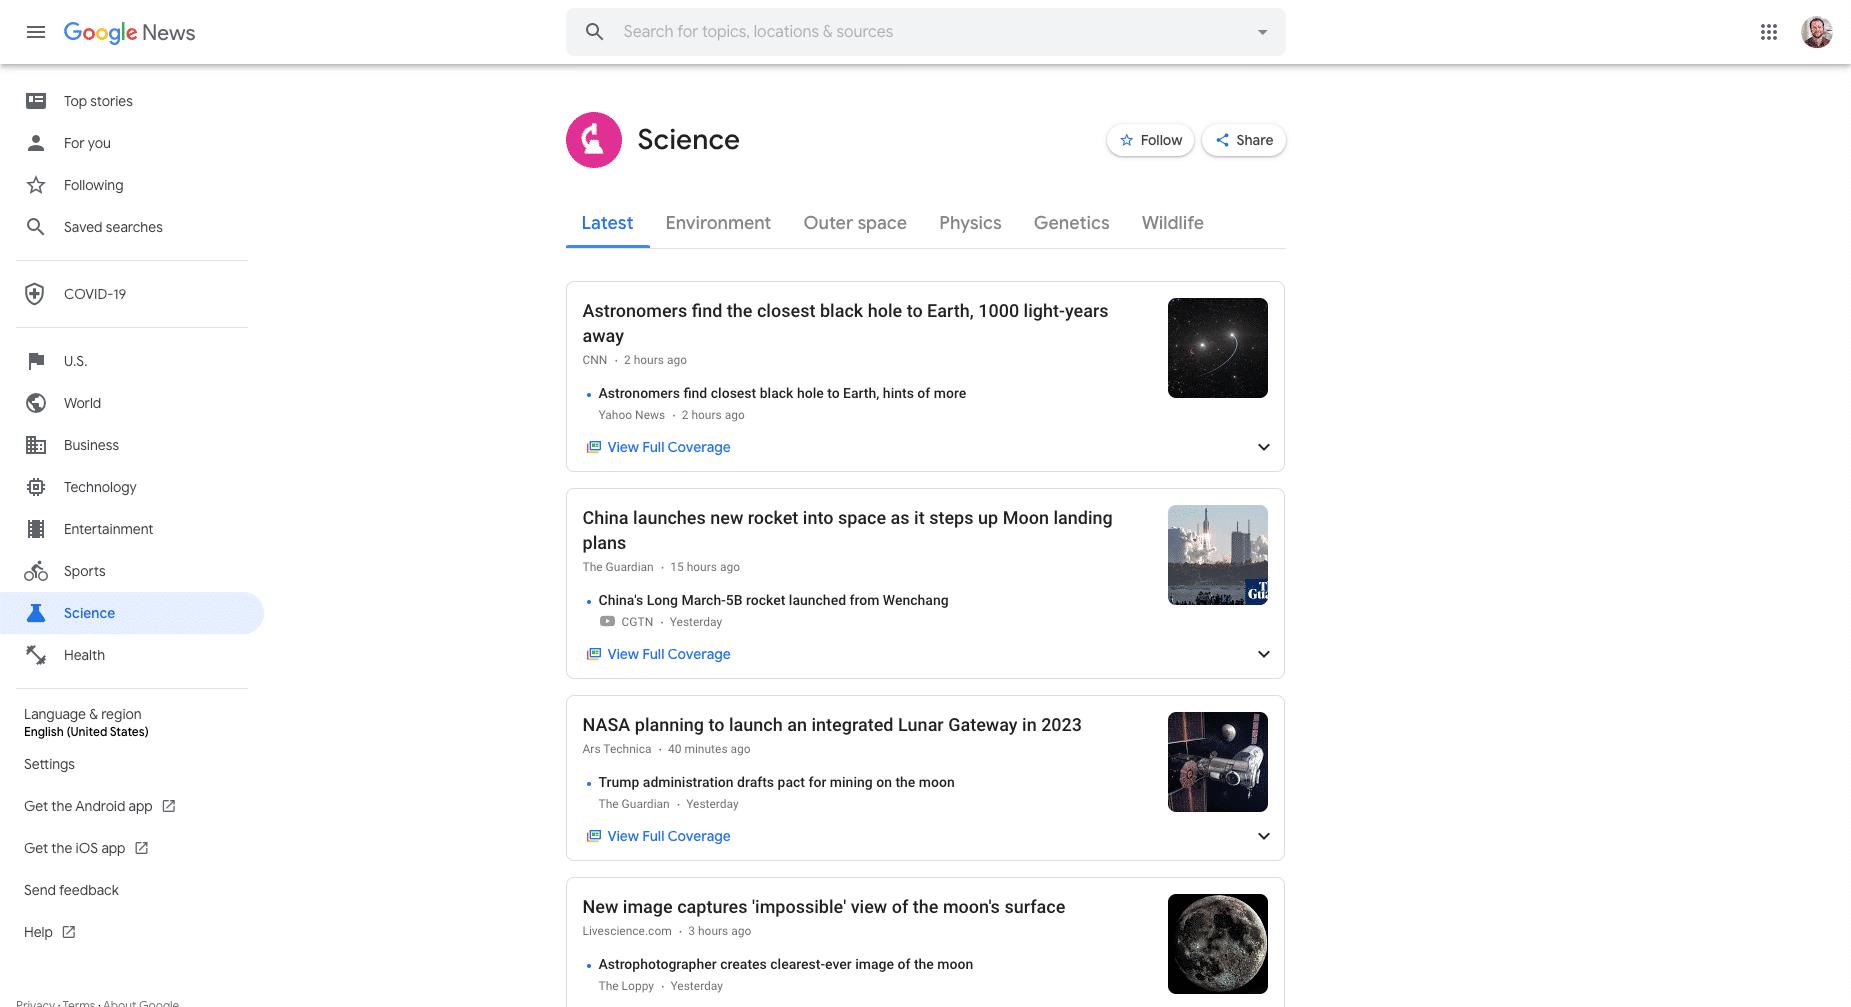 Una página de ejemplo de historias de ciencia en Google News